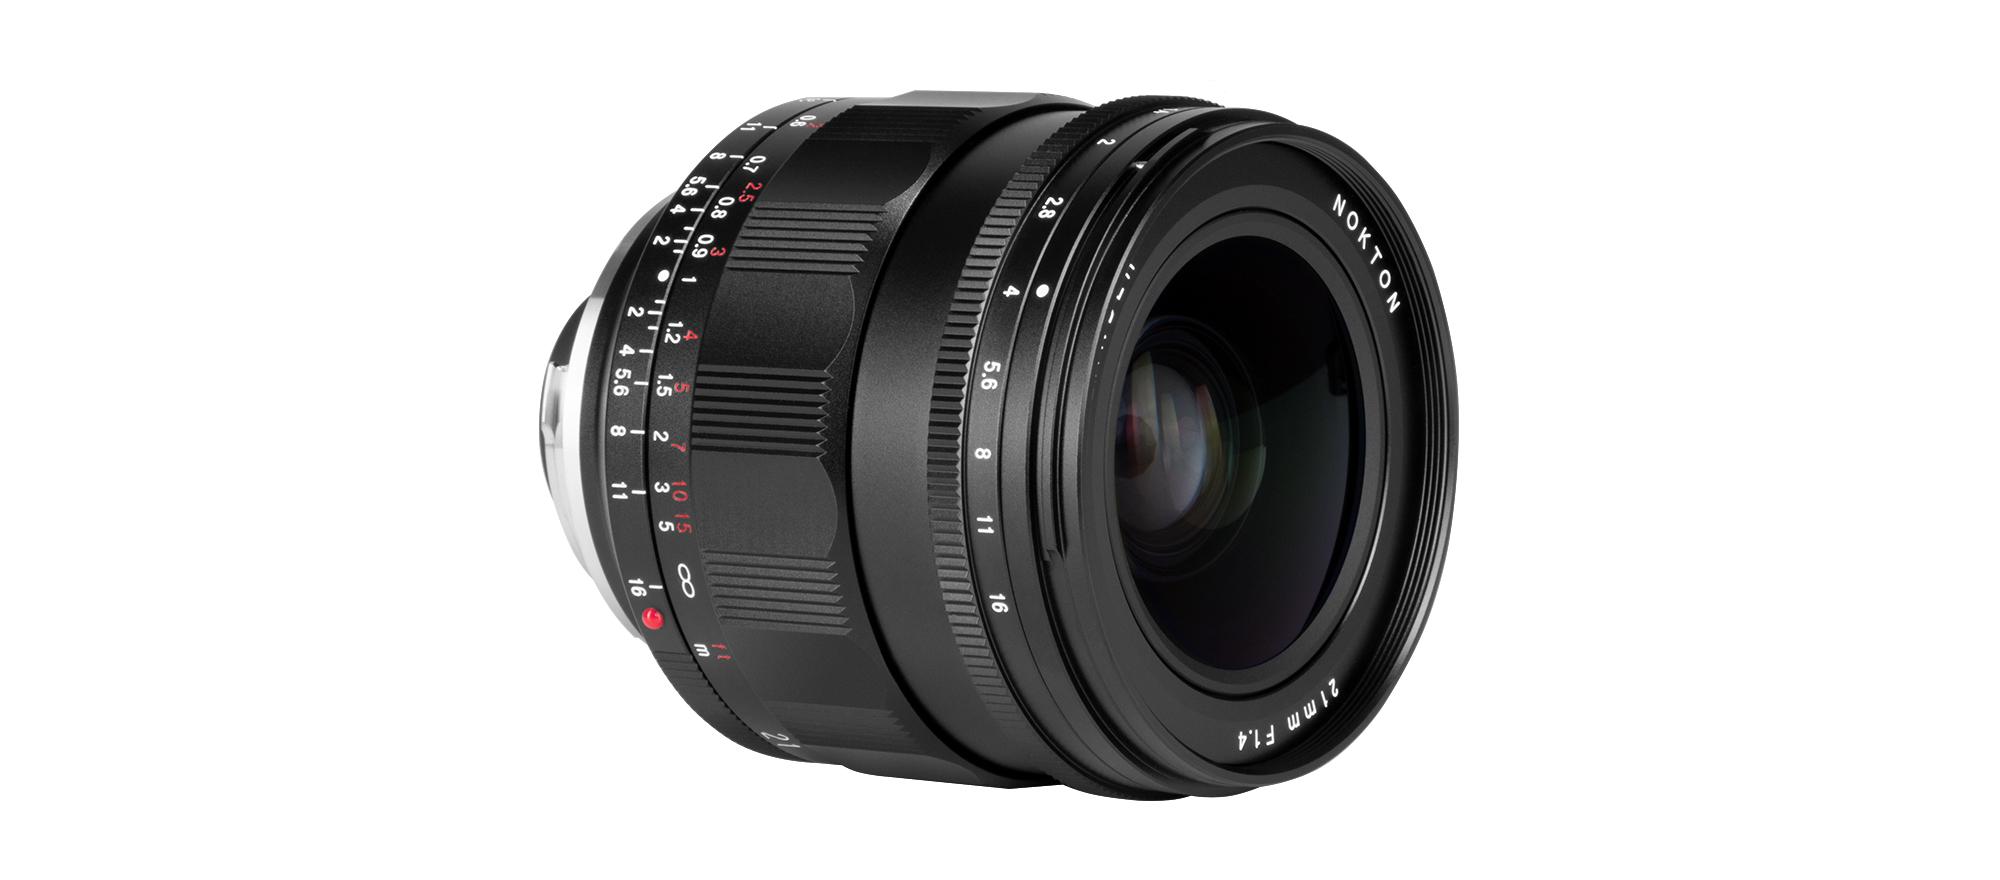 Obiektyw Voigtlander Nokton 21 mm f/1,4 z mocowaniem Leica M widziany z boku